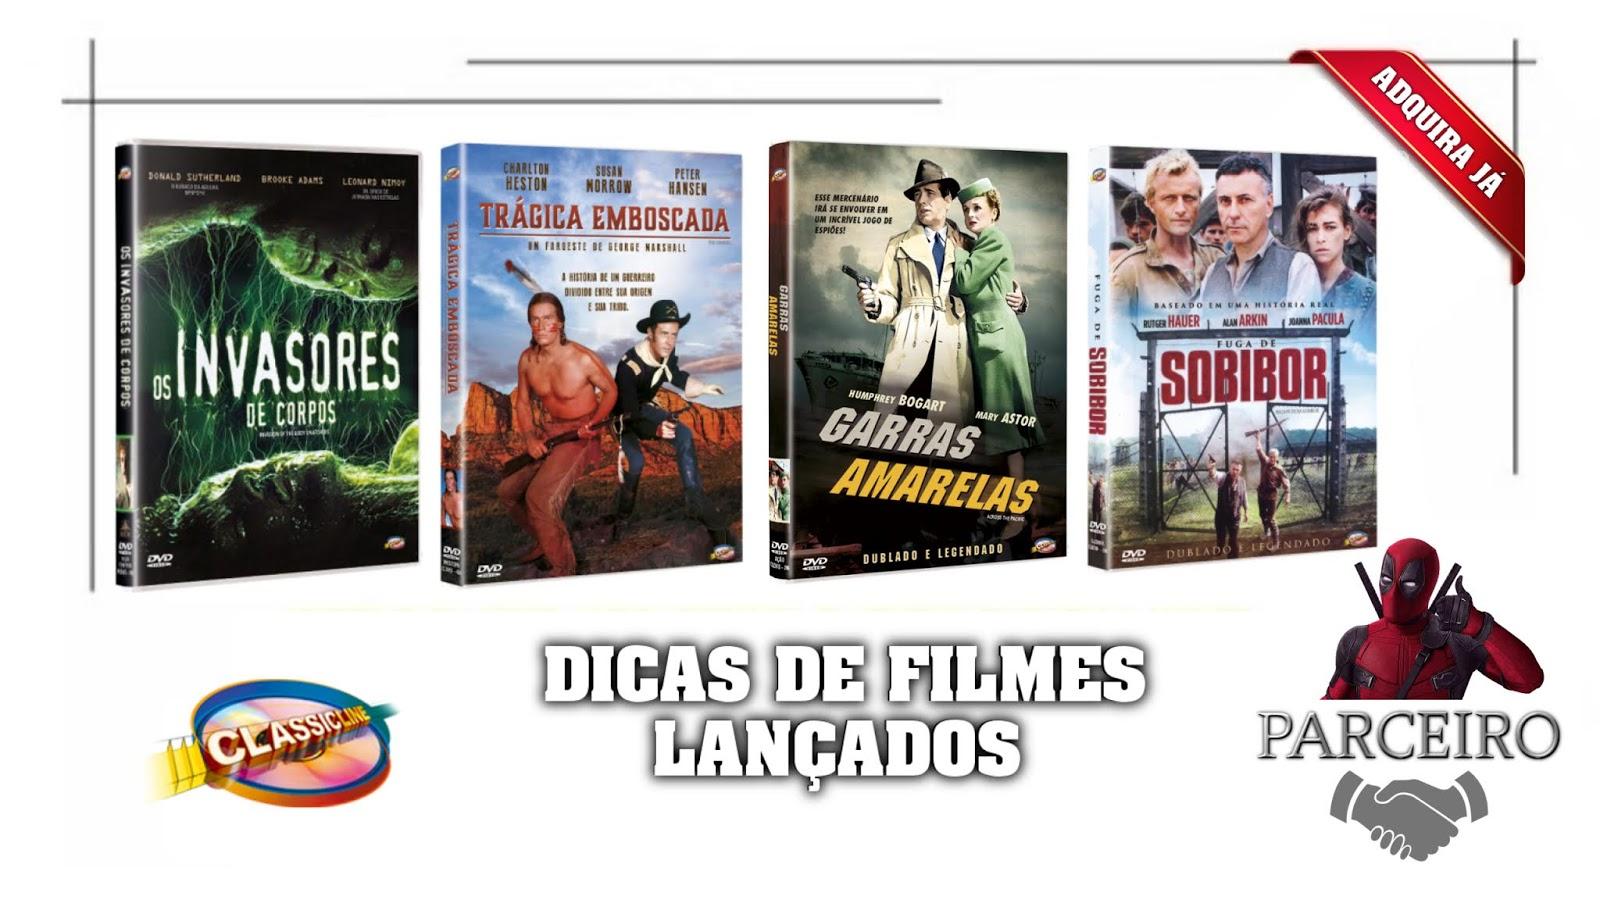 DICAS DE FILMES LANÇADOS PELA CLASSICLINE